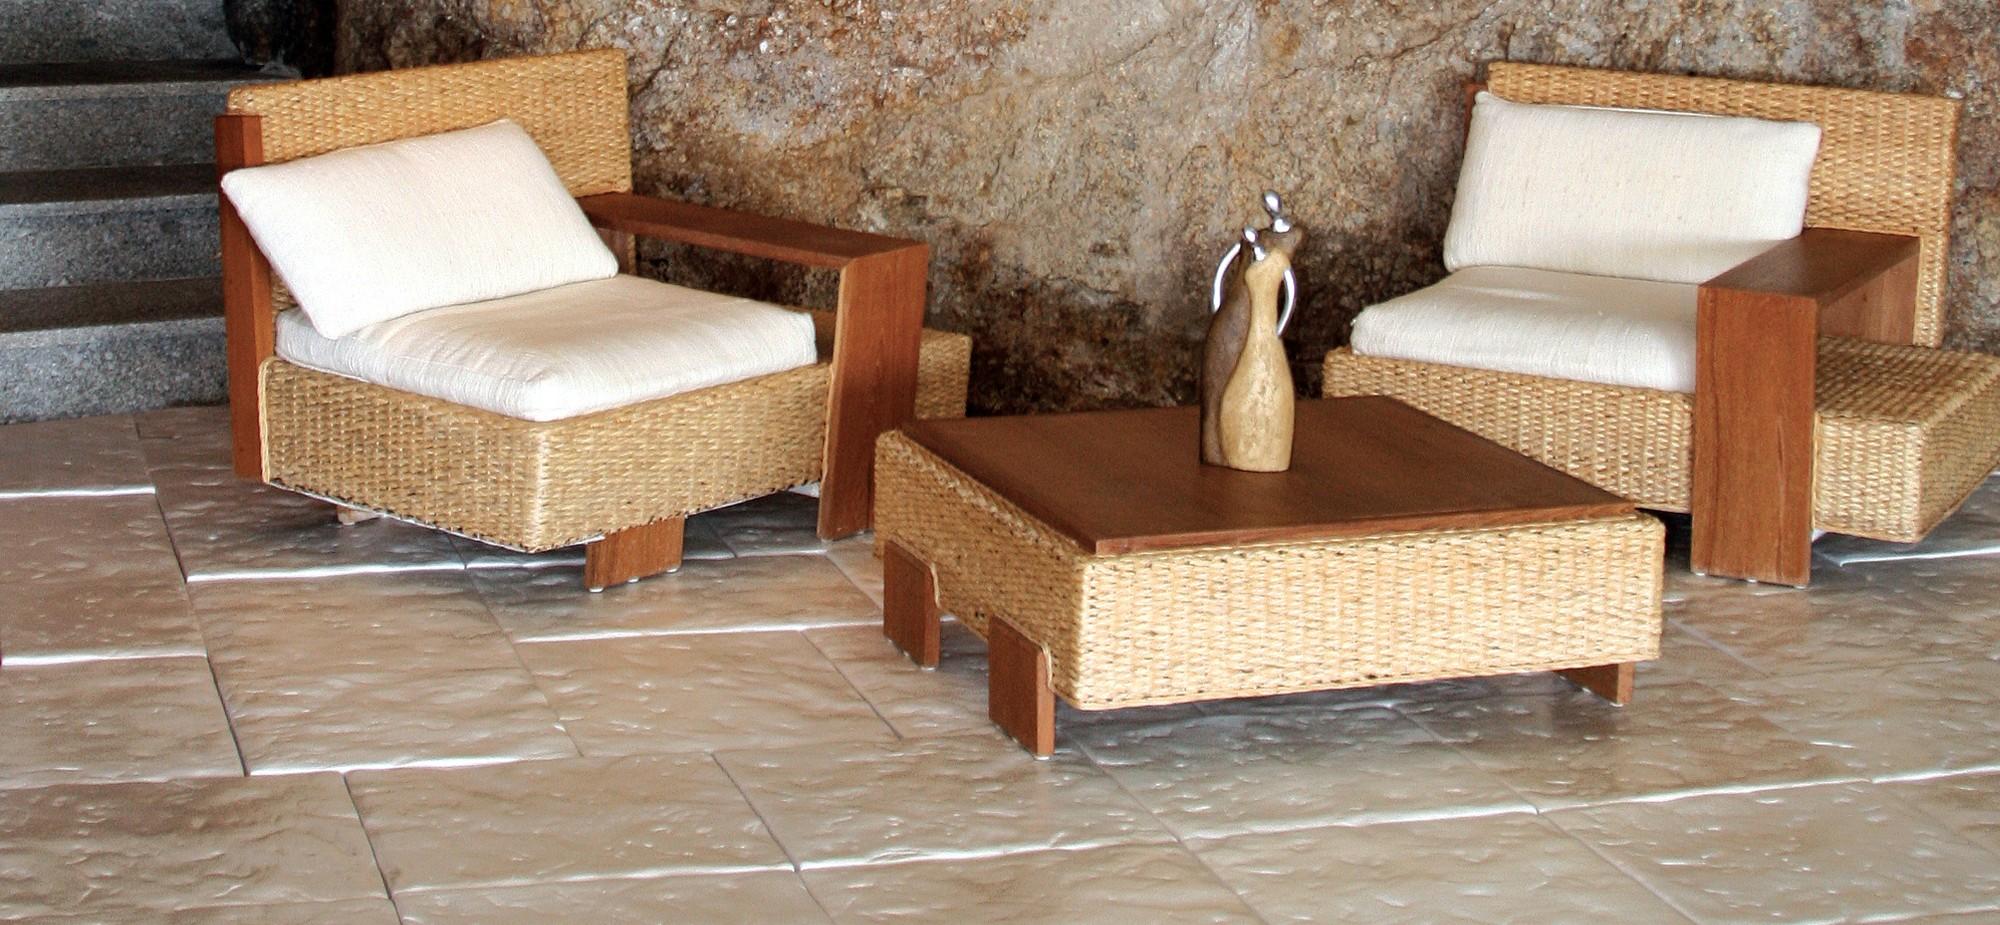 Pavimentos bracara fabistone pavimento exterior e interior - Pavimento rustico exterior ...